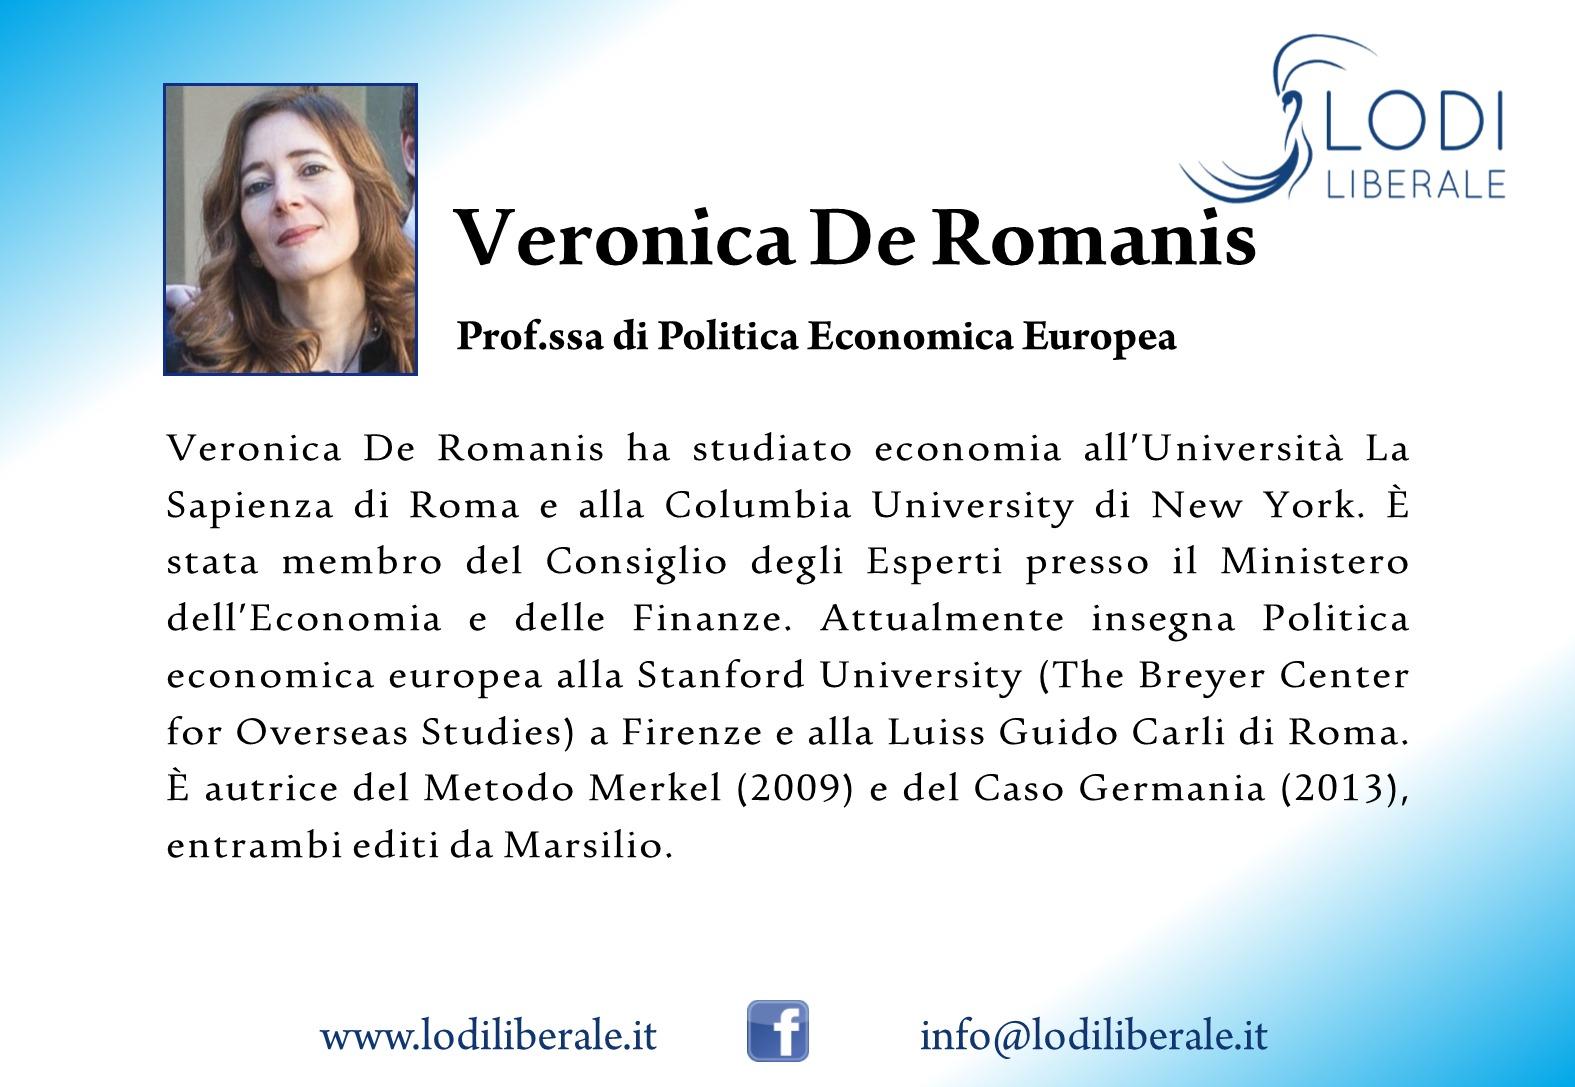 Lodi Liberale Veronica De Romanis